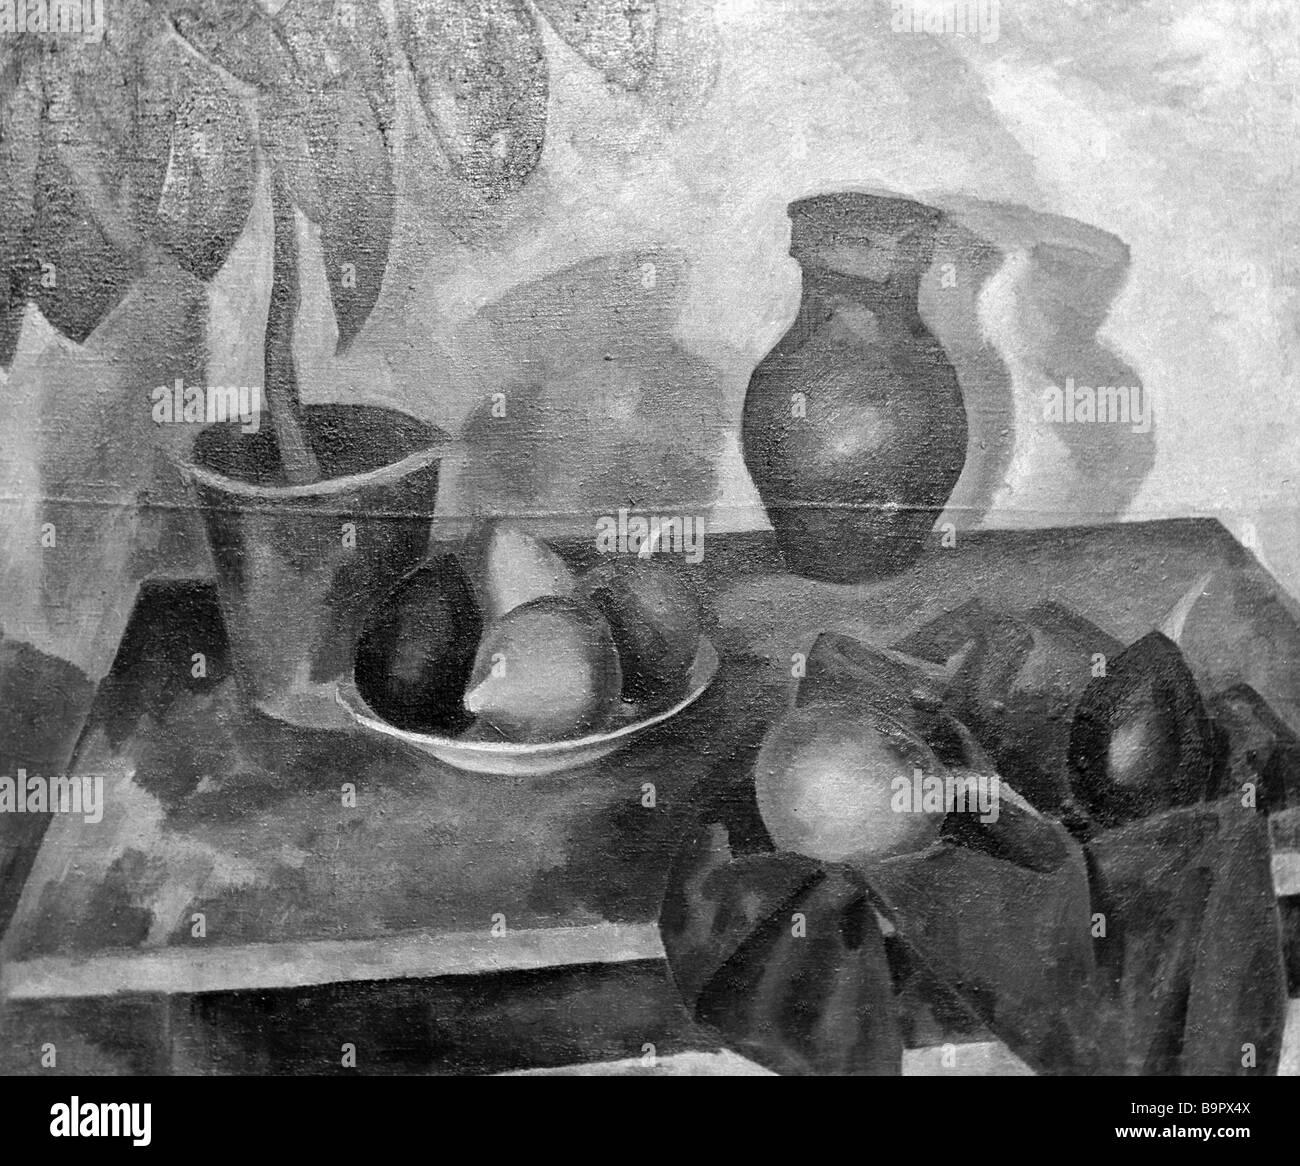 Robert Falk s reproduziert Stillleben mit der Gummibaum Stockbild